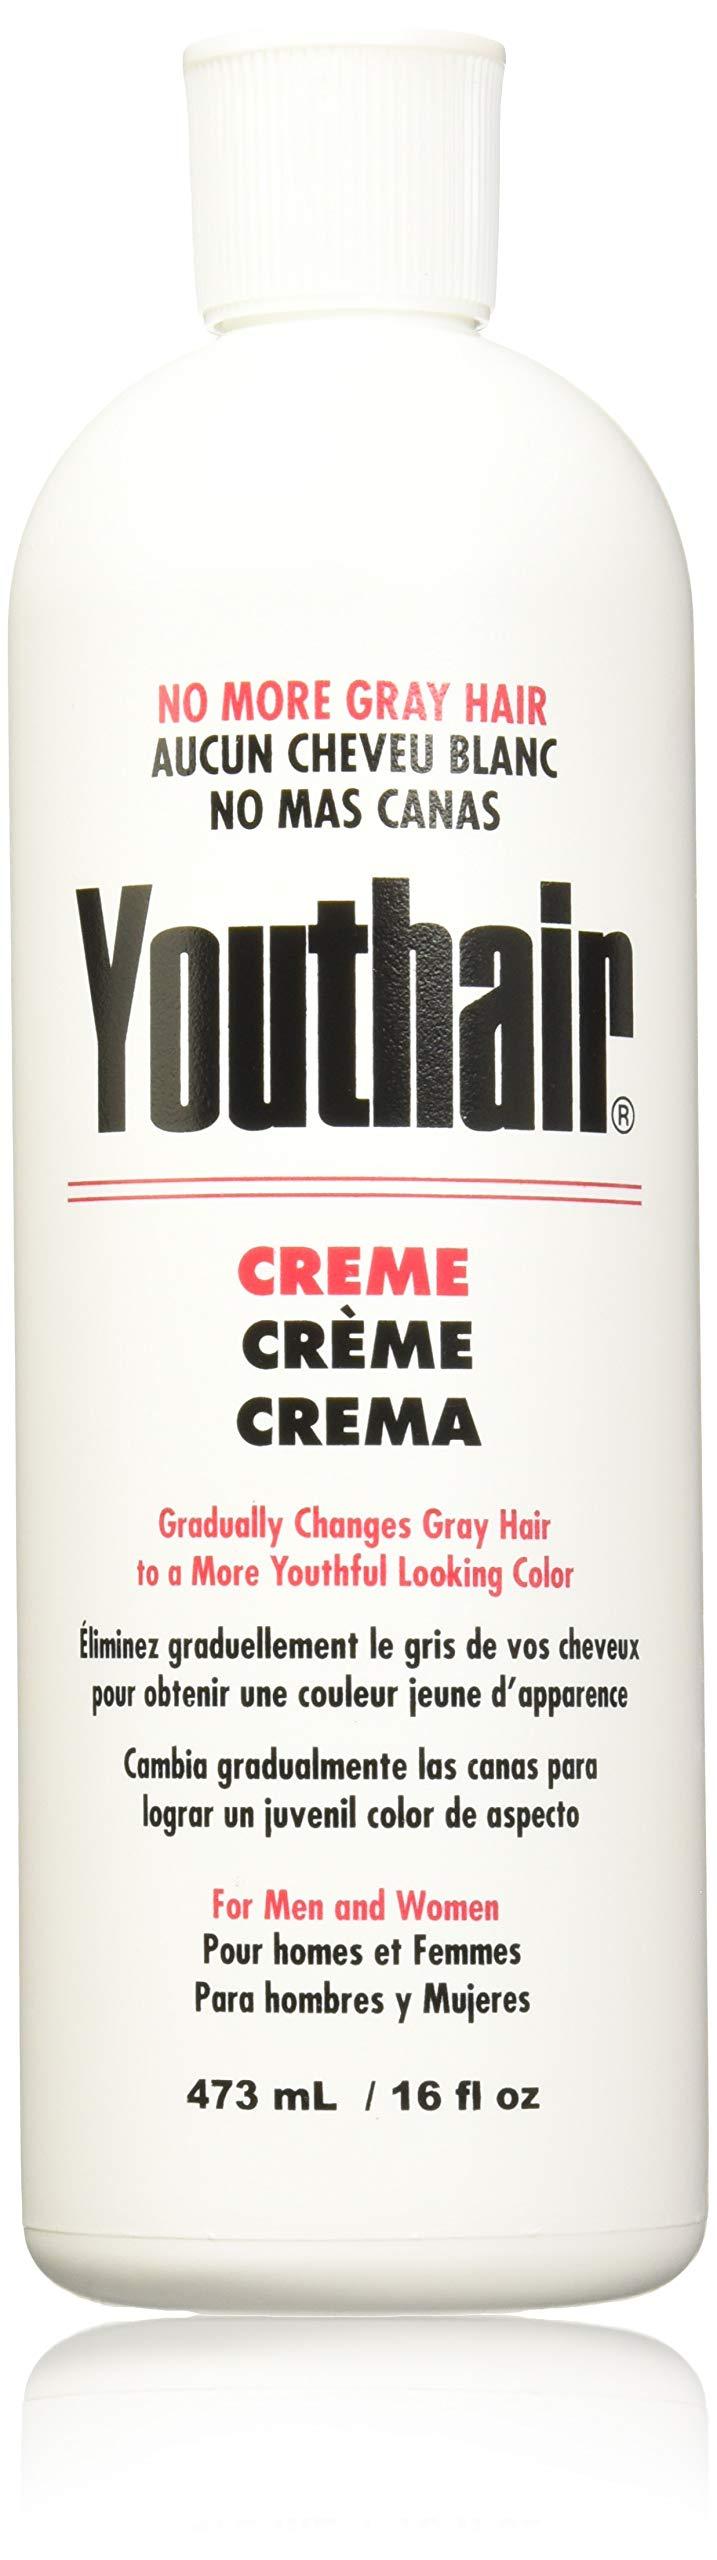 Youthair Crème (Unboxed), 16 fl oz